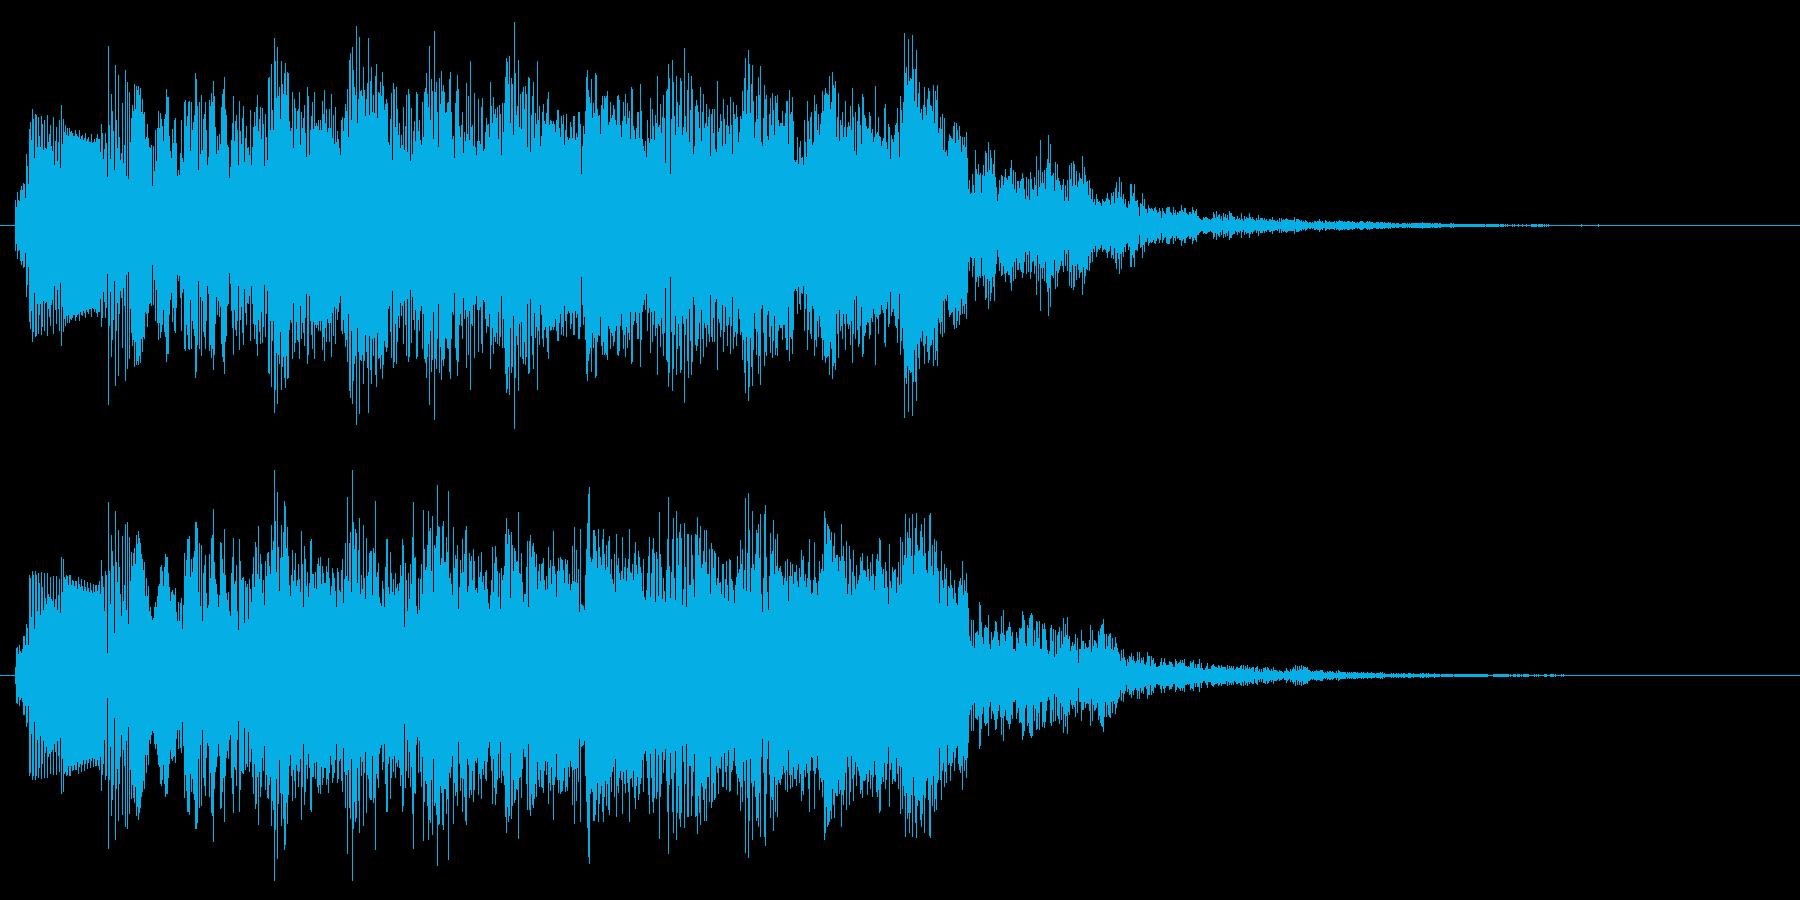 変な音 不思議な音のパワーアップ音の再生済みの波形